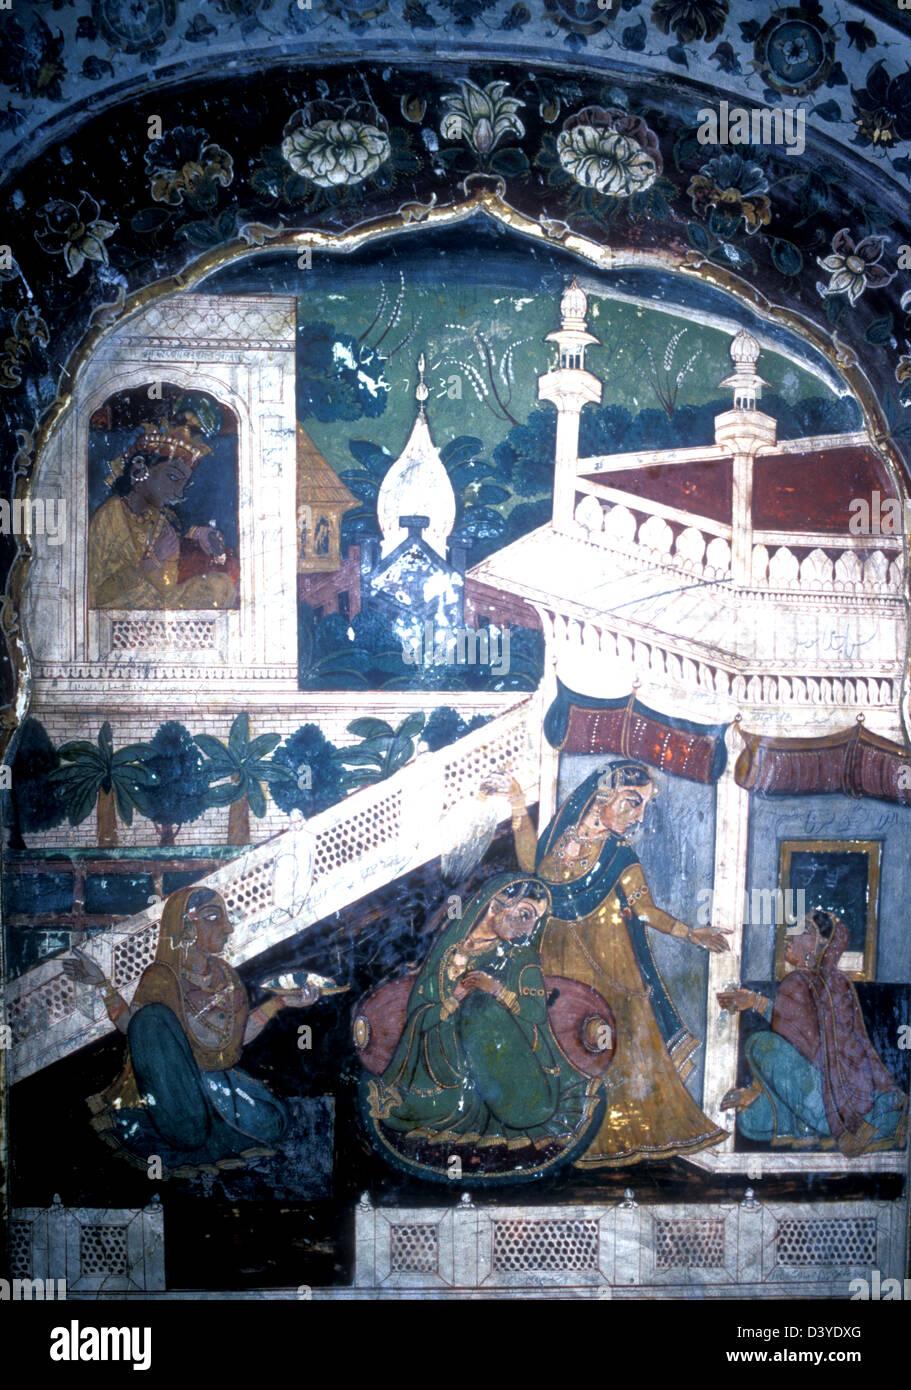 Original mural taken in the mausoleum to Ranjit Singh - Stock Image